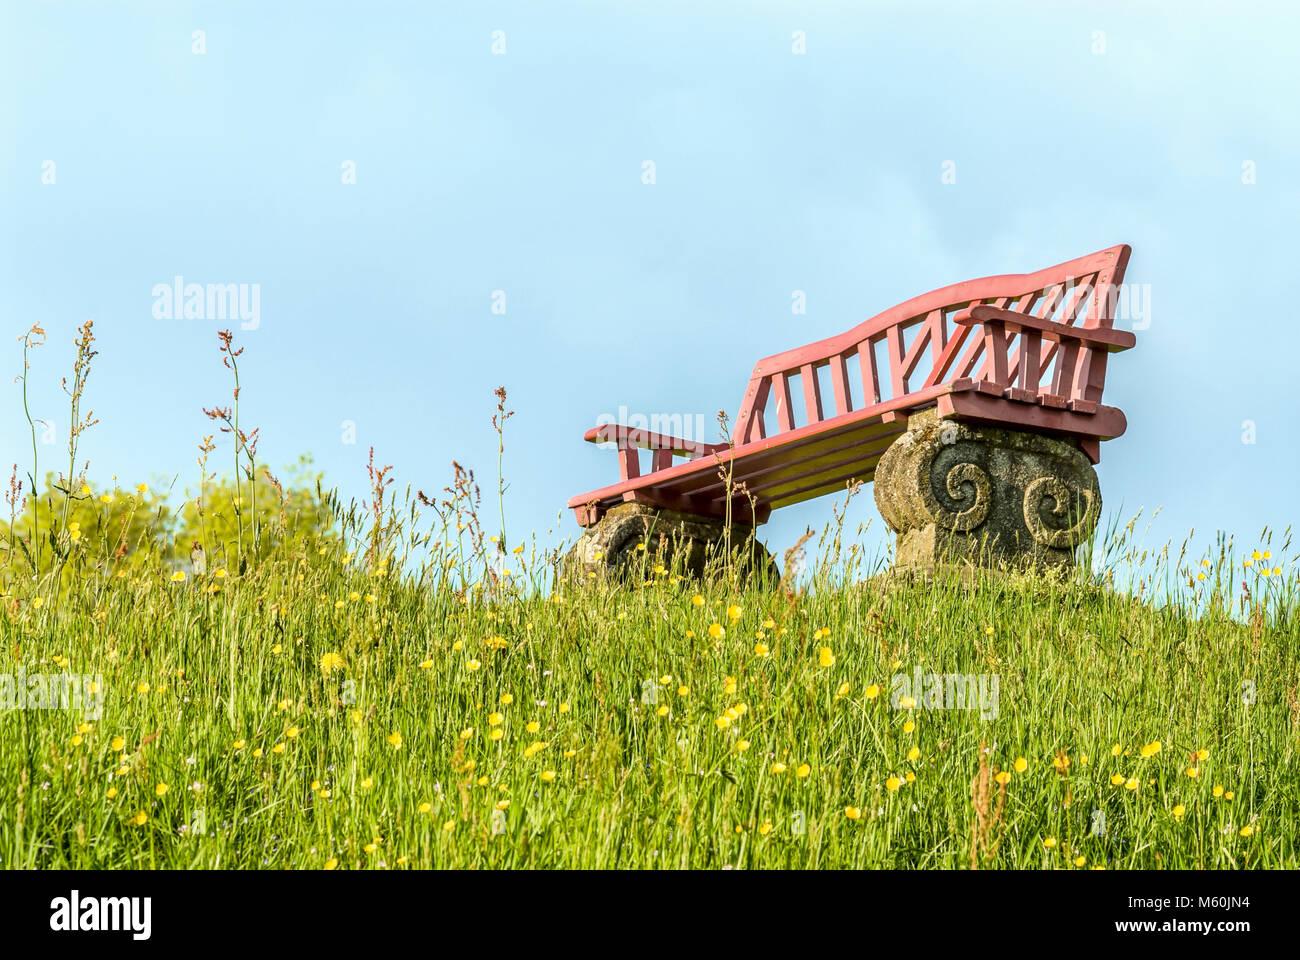 Panchina da giardino su un verde prato primavera collina con fiori visti dal di sotto, Svizzera Immagini Stock